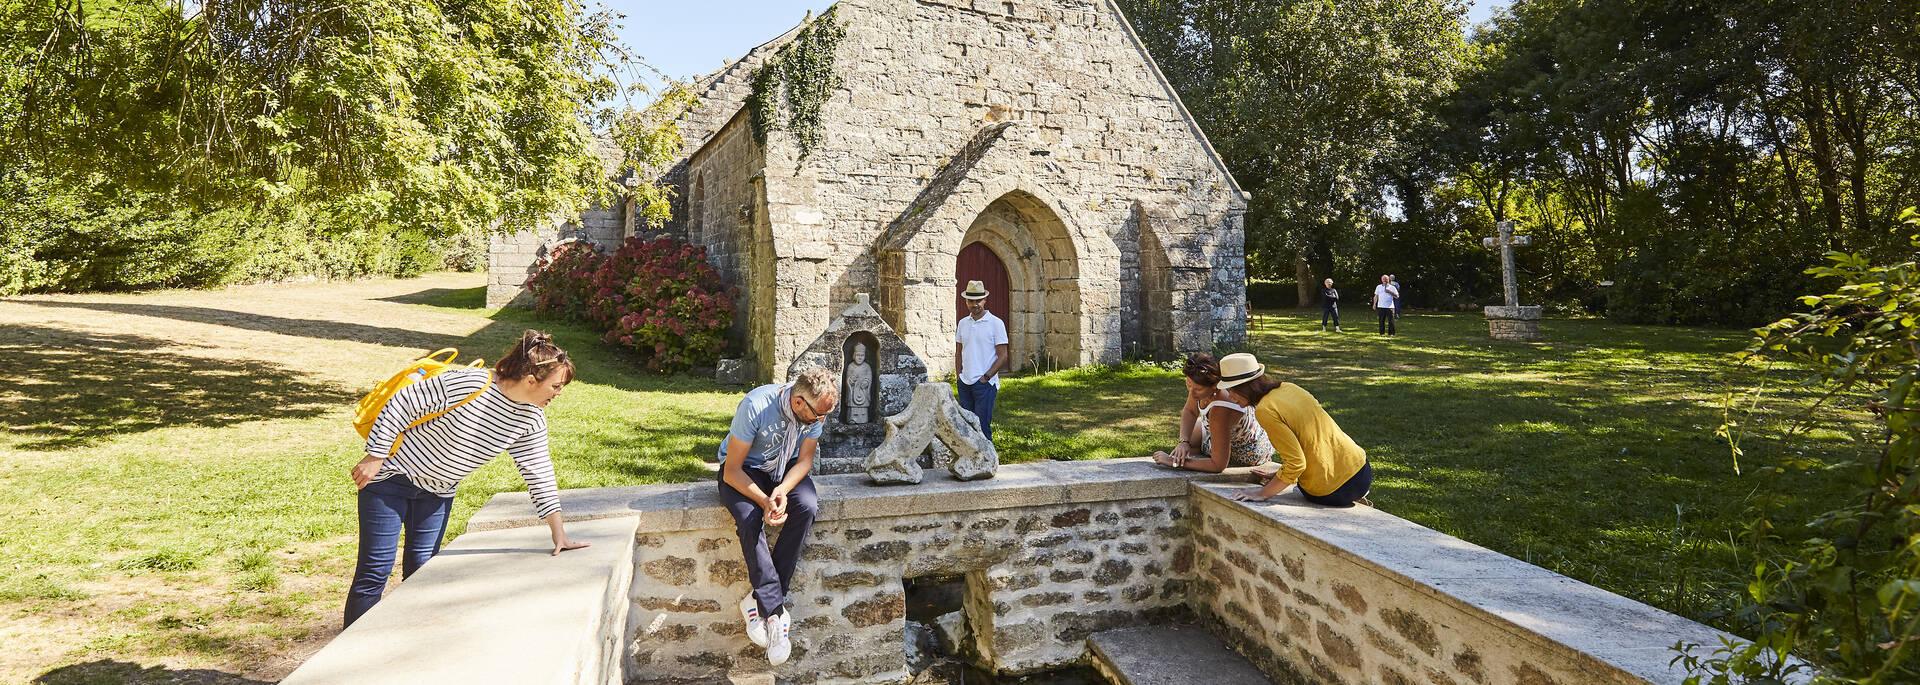 Chapelle de la Madeleine et fontaine, Penmarc'h ©Alexandre Lamoureux